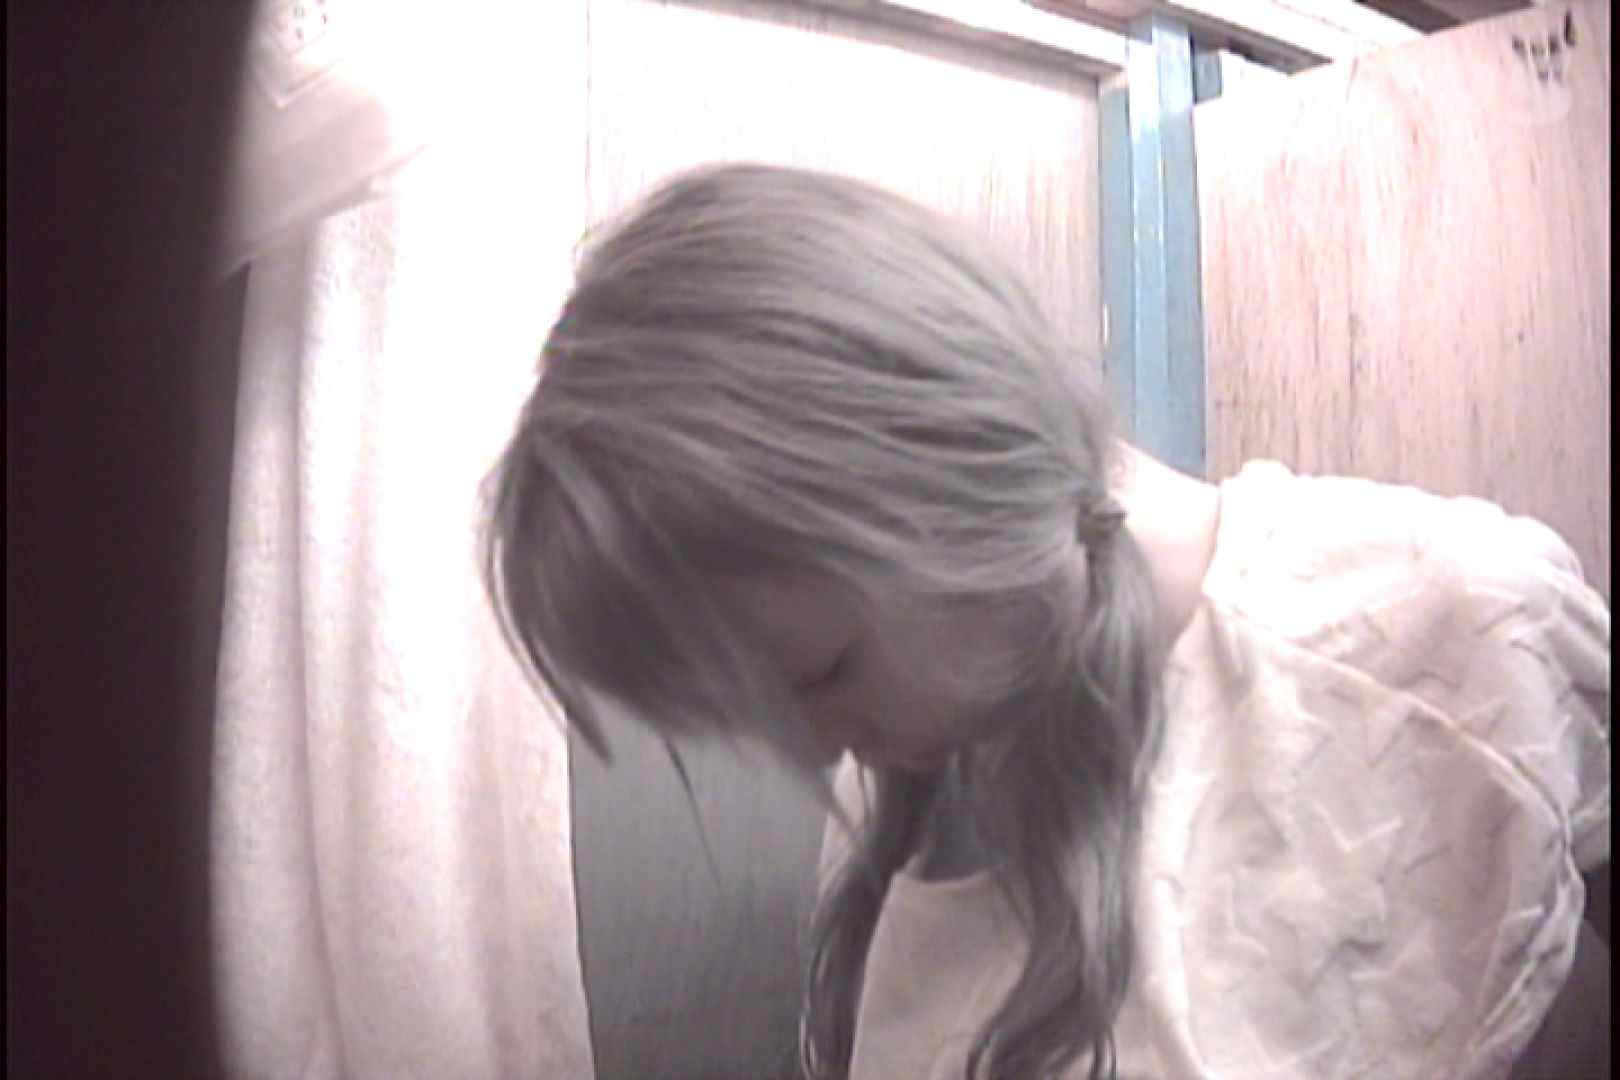 File.37 収穫の秋、こんなの取れました。必見です!【2011年20位】 シャワー室 ヌード画像 84枚 77